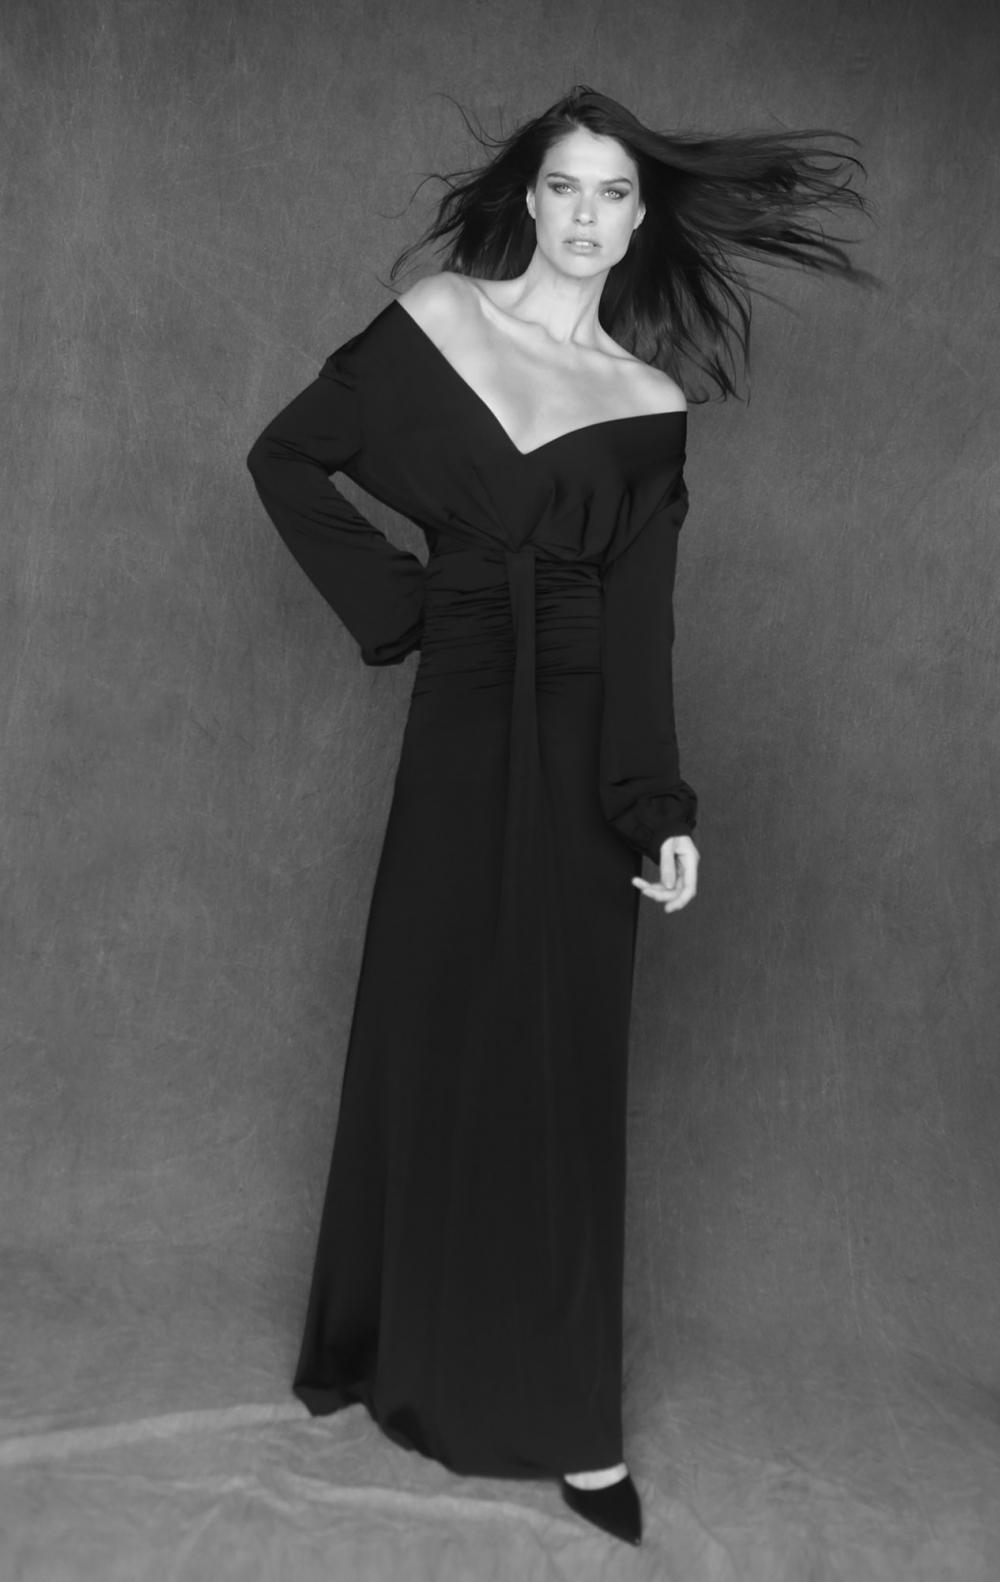 Vestido Longo Drapeado Longo  - Foto 1